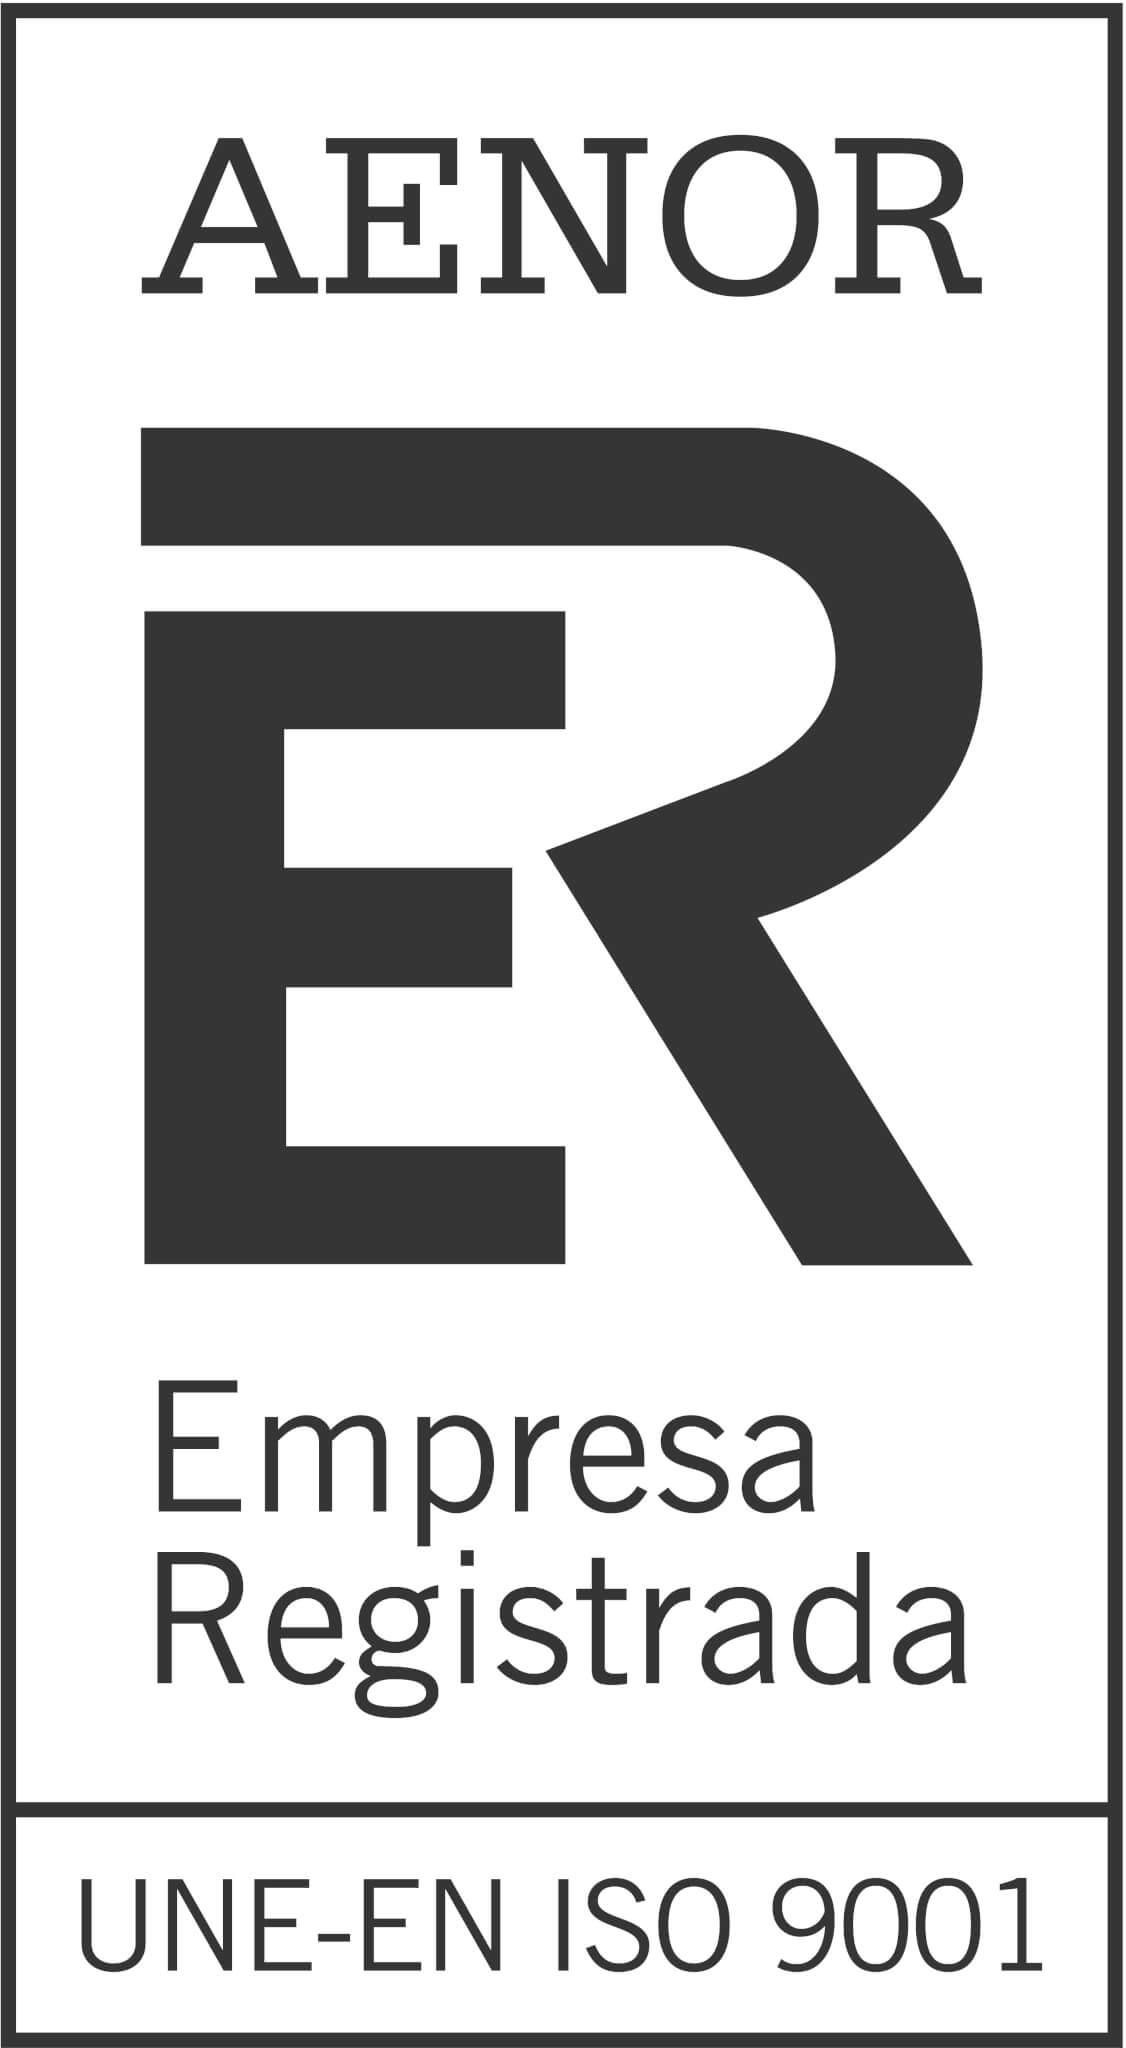 Buchinger Wilhelmi, Fasten, Heilfasten, Fasting, Health, Integrative Medicine, Aenor Empresa Registrada, Marbella